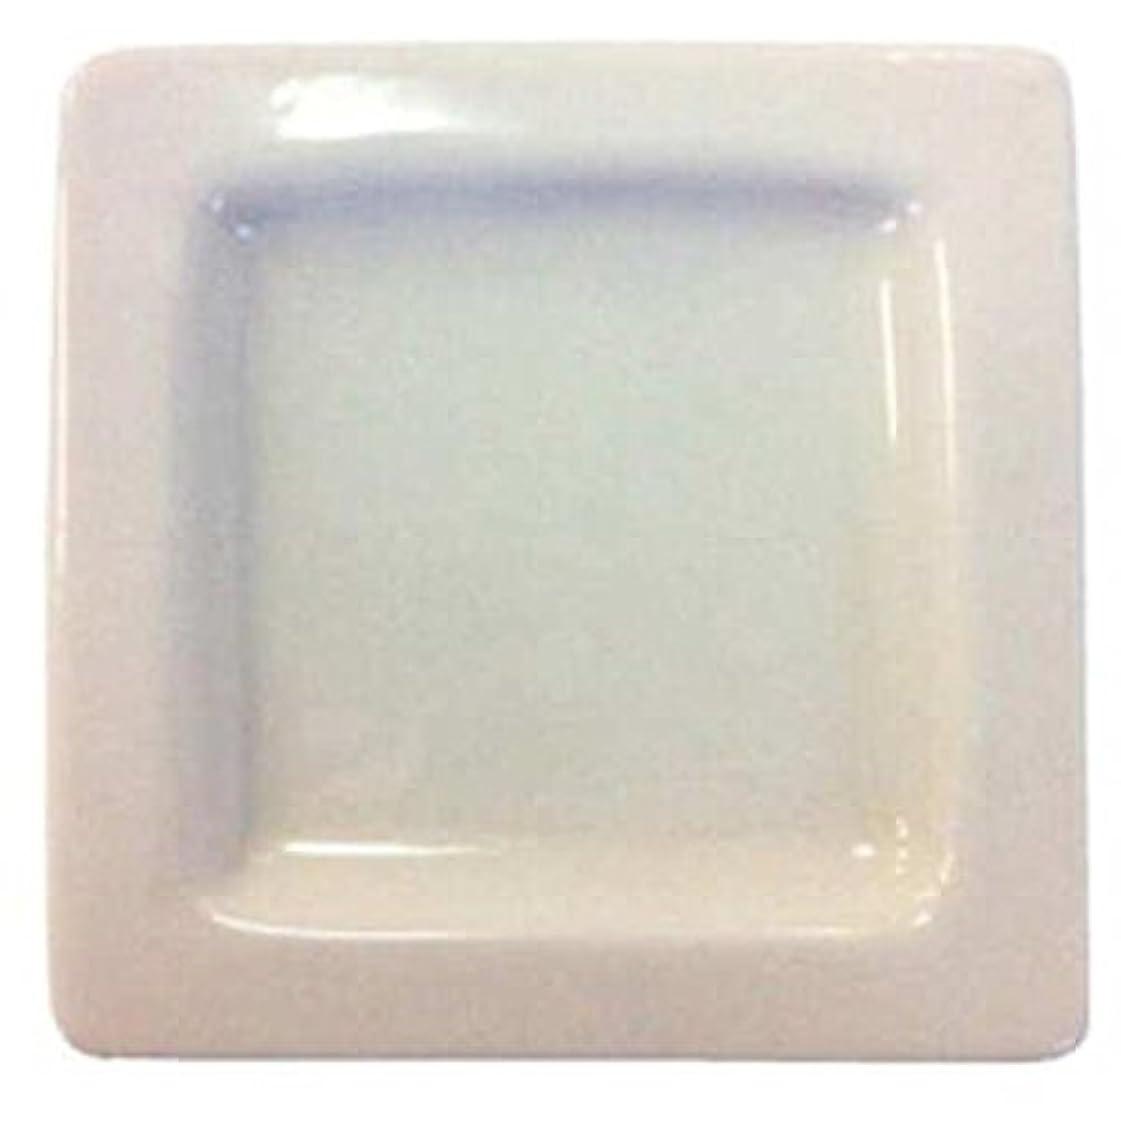 予防接種水アルファベット順アロマランプLアイビー用 天面精油皿